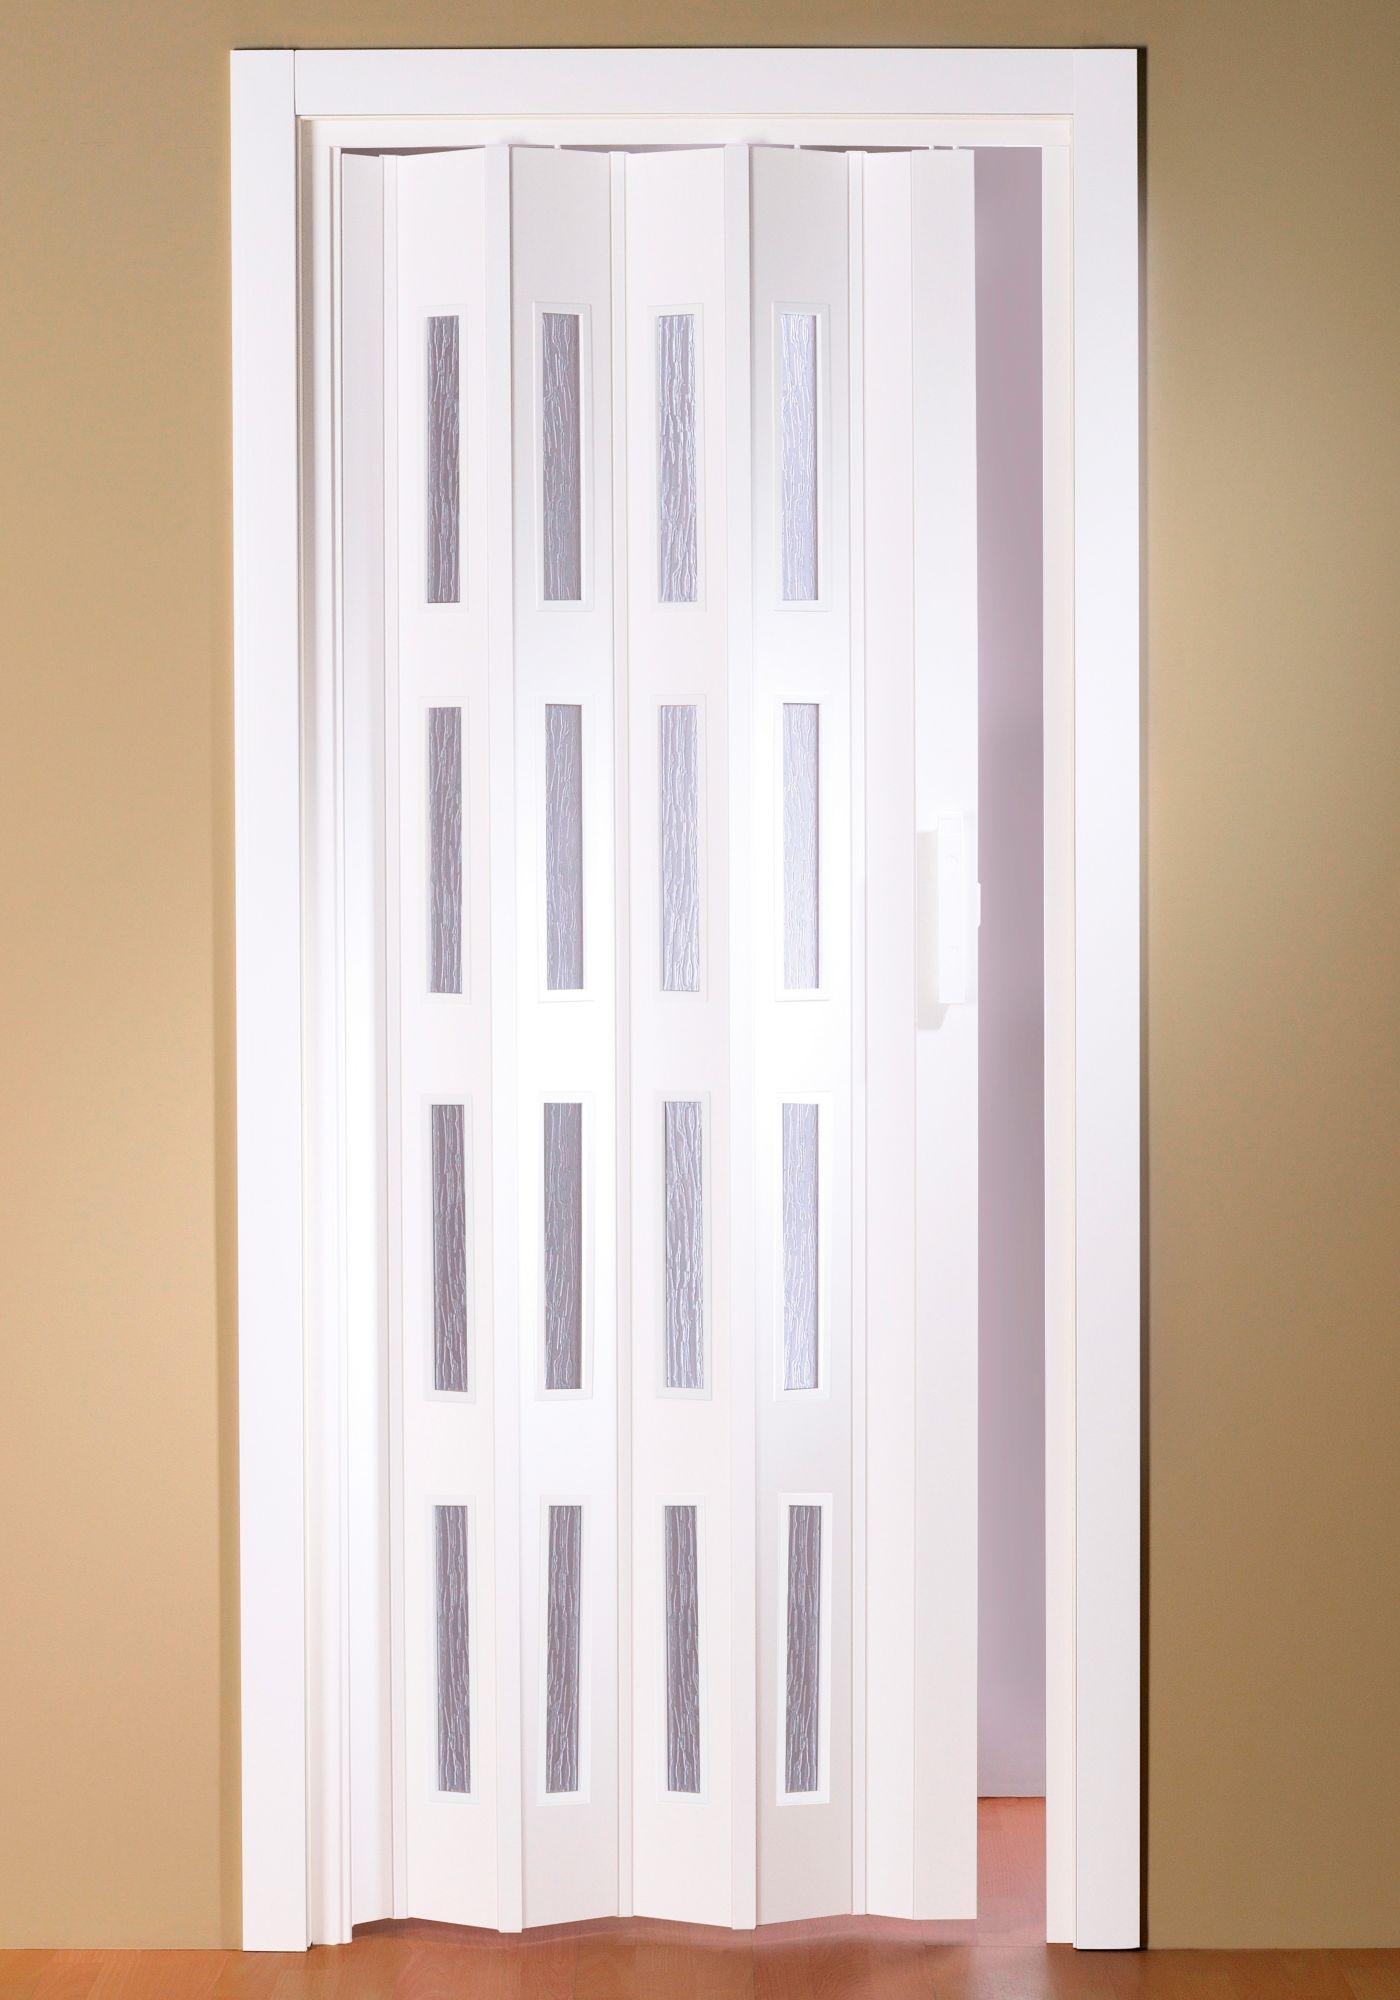 Kunststoff-Falttür »Luciana«, BxH: 88,5x202 cm, Weiß mit Fenstern in Riffenstruktur